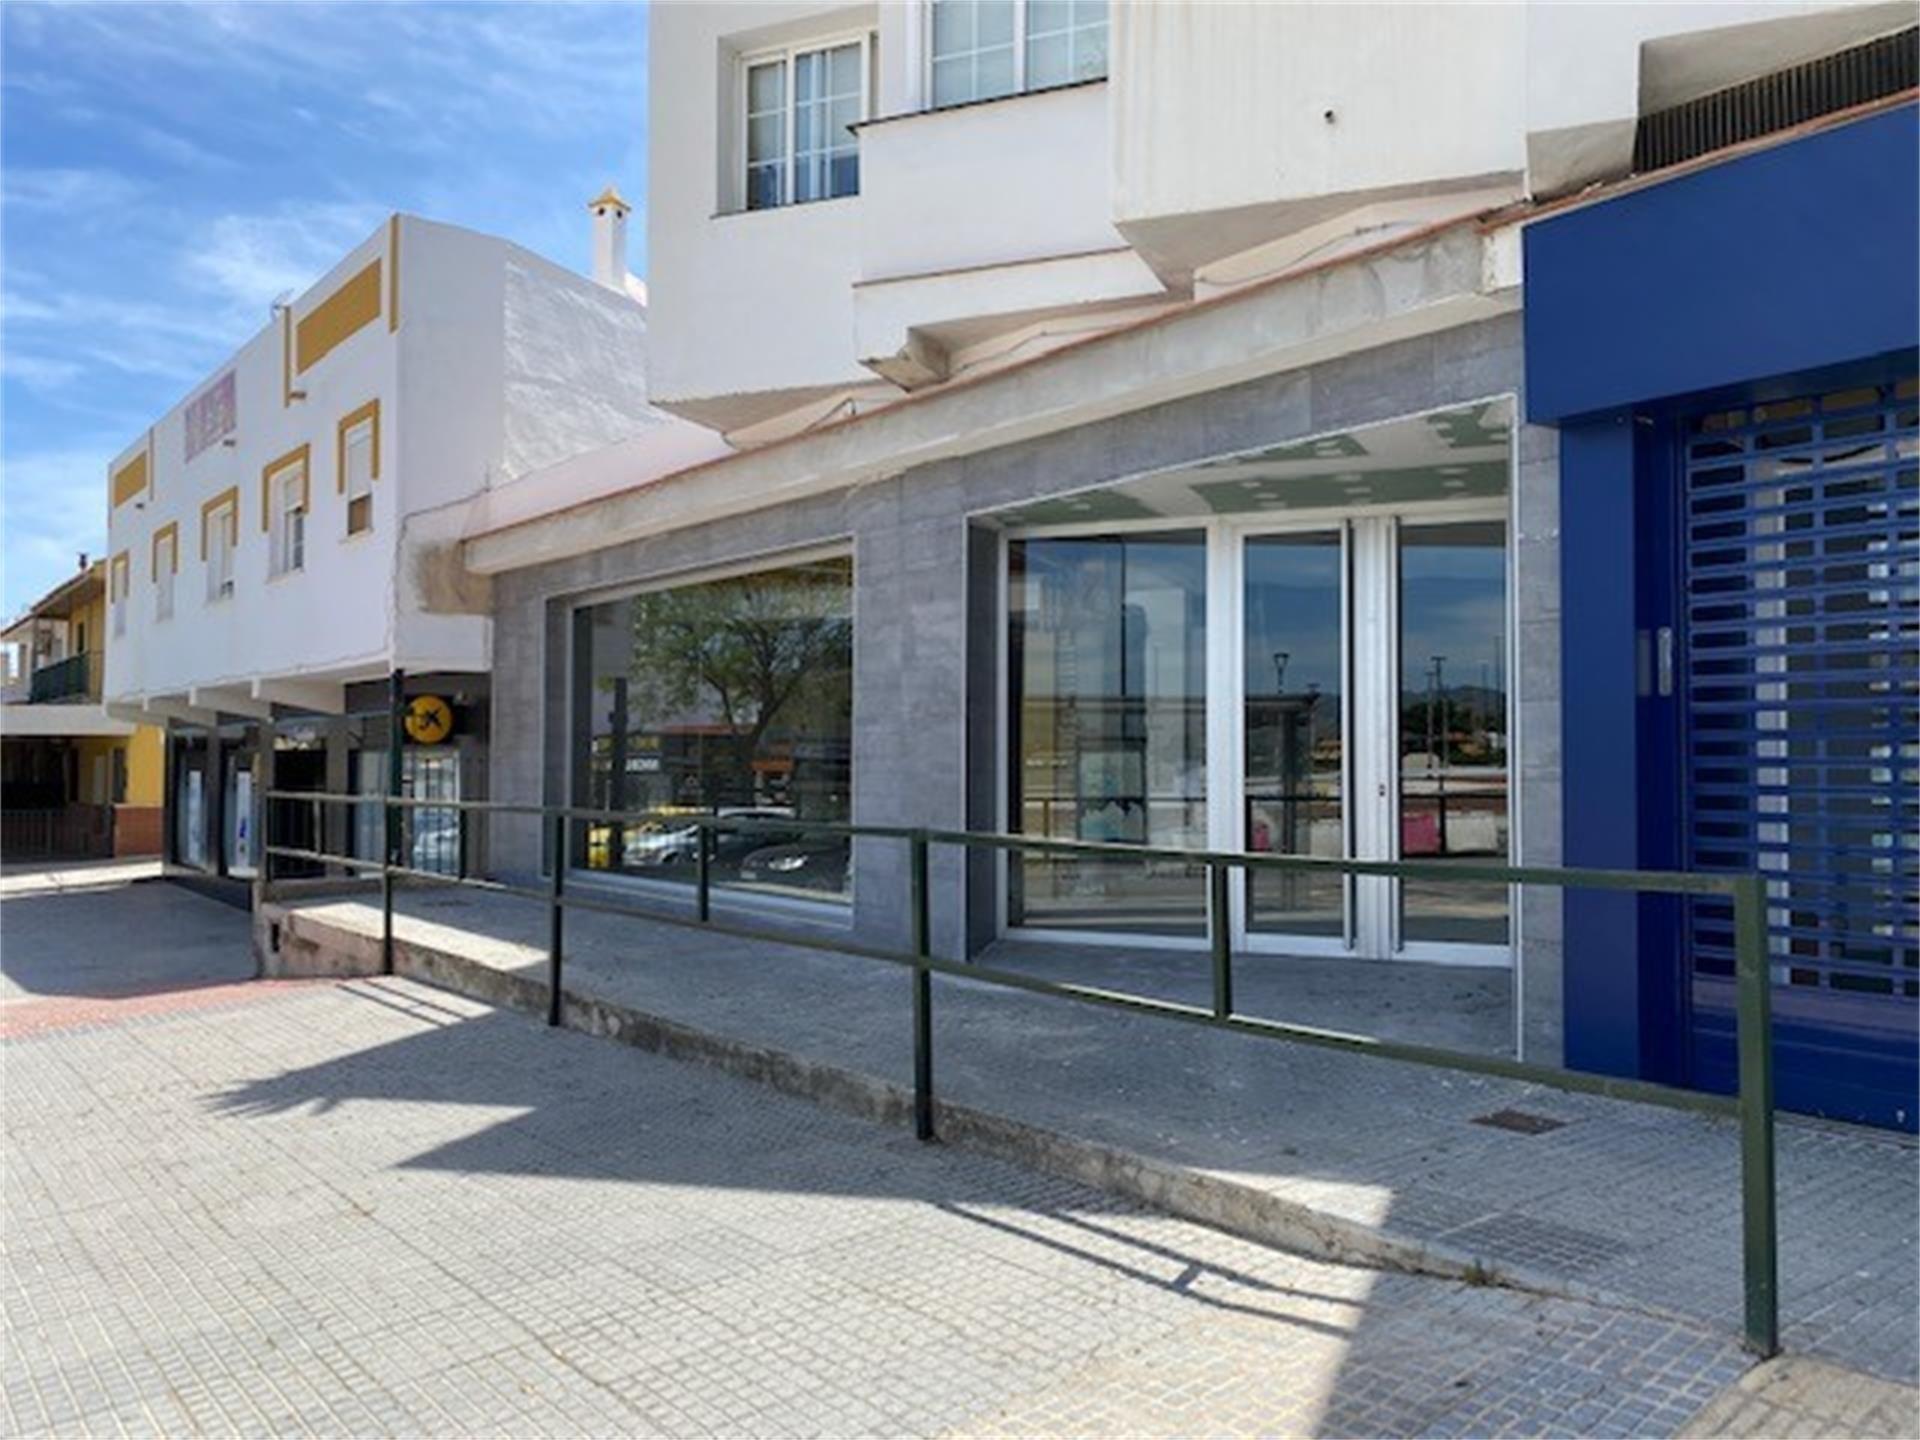 Local de alquiler en Calle José Calderón, 157, Campanillas (Málaga, Málaga)